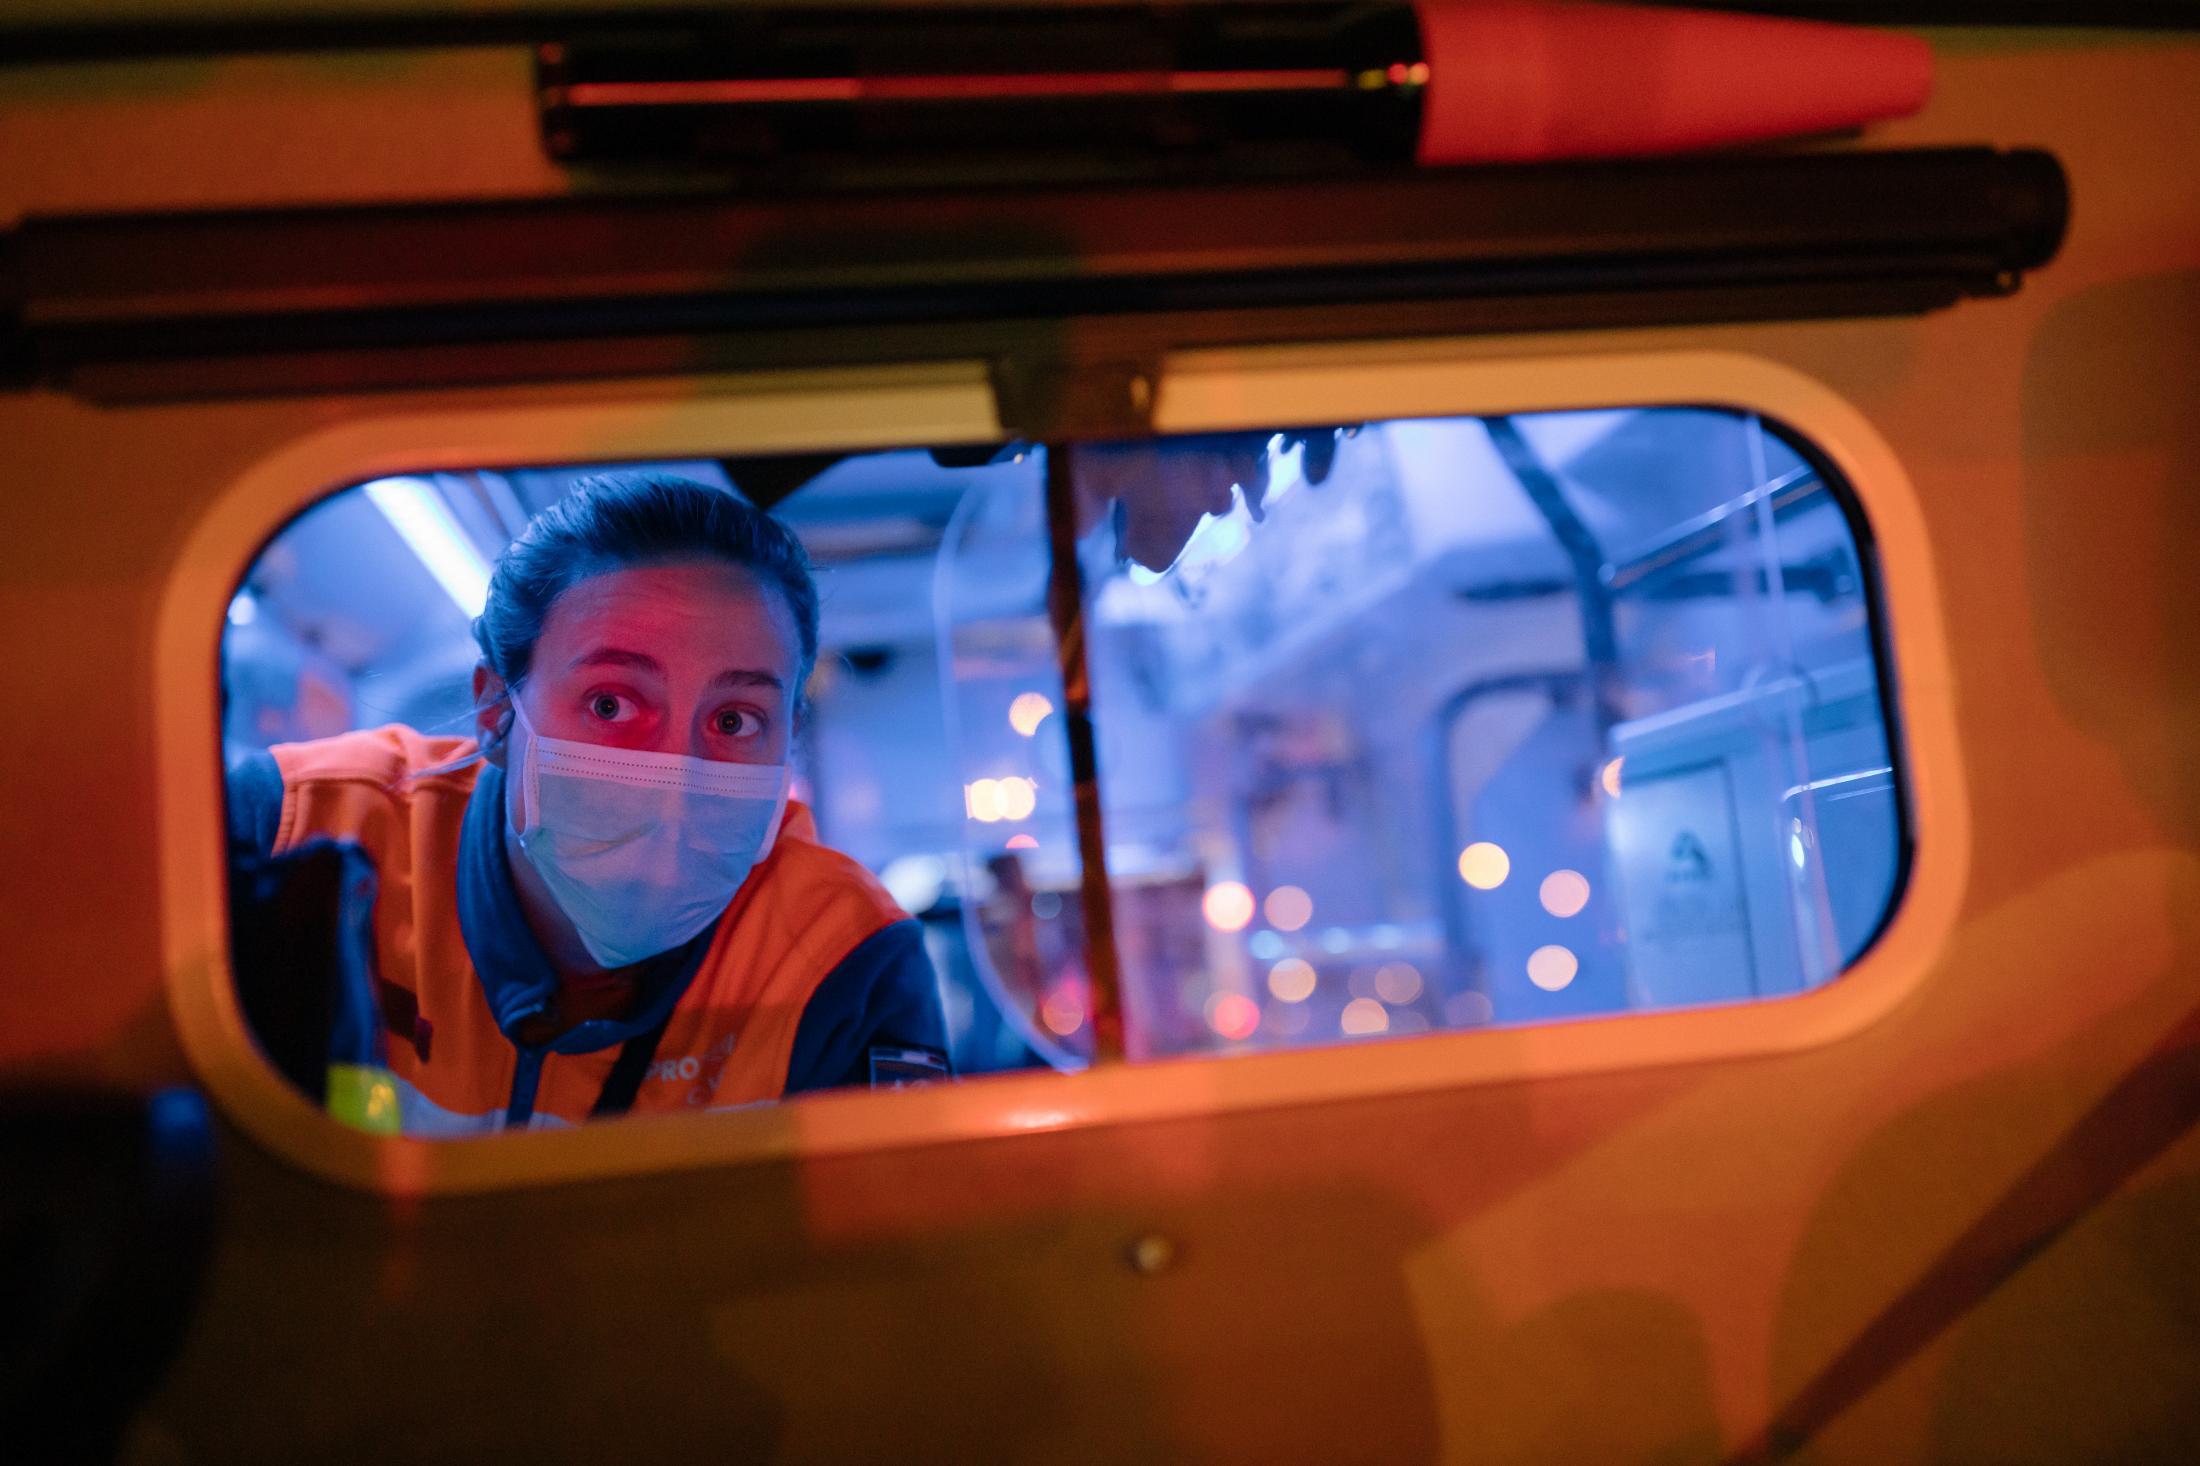 Paris, devant la gare d'Auterlitz. Le 10 avril 2020. Ce matin, Laure, bénévole à la protection civile, fait partie de l'opération Chardon, qui consiste à achememiner en train des patients vers d'autres hopitaux en France afin de désengorger, les hopitaux d'ile de France, saturés. Aujourd'hui 45 patients seront transferés à Bordeaux ou Poitiers dans deux TGV affretés pour l'occasion.